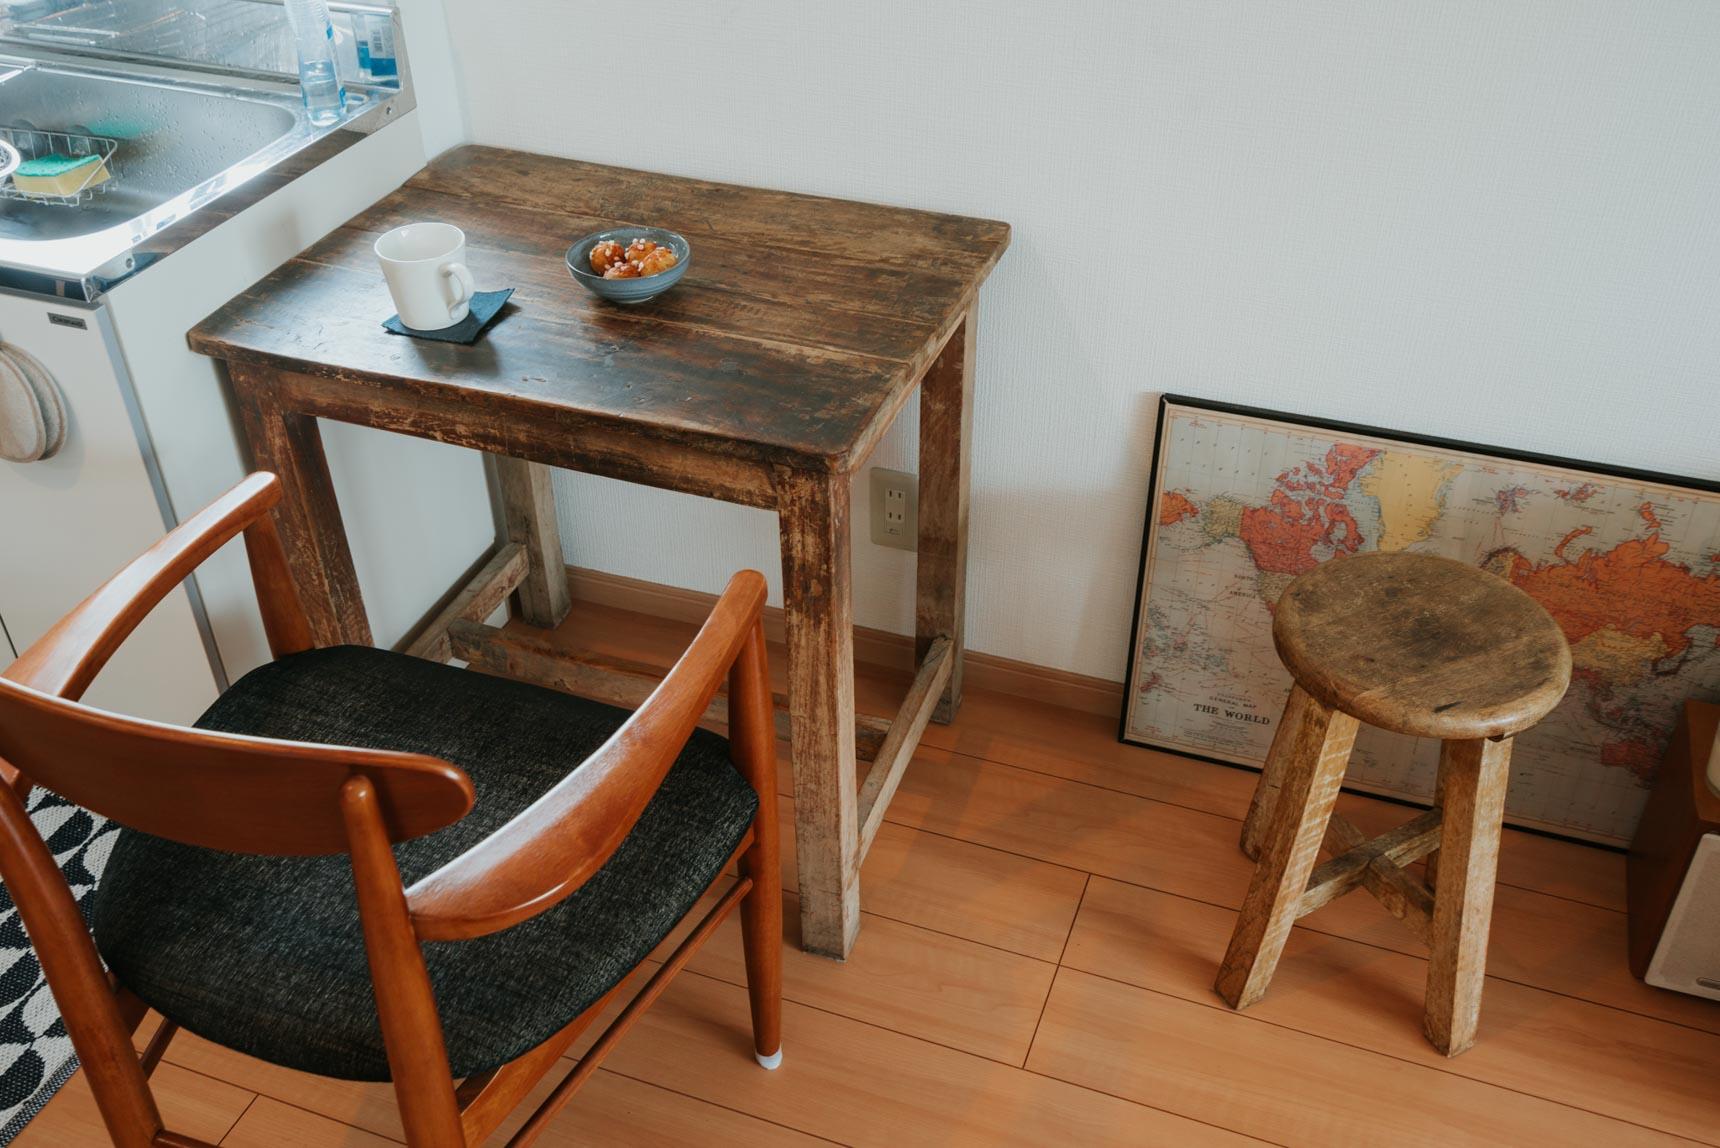 食卓として利用しているのが、W%で購入したというこのインドのテーブル。木の風合いが残ったインパクトのあるデザインです。これだけで一気にセンスよく見えそう……!